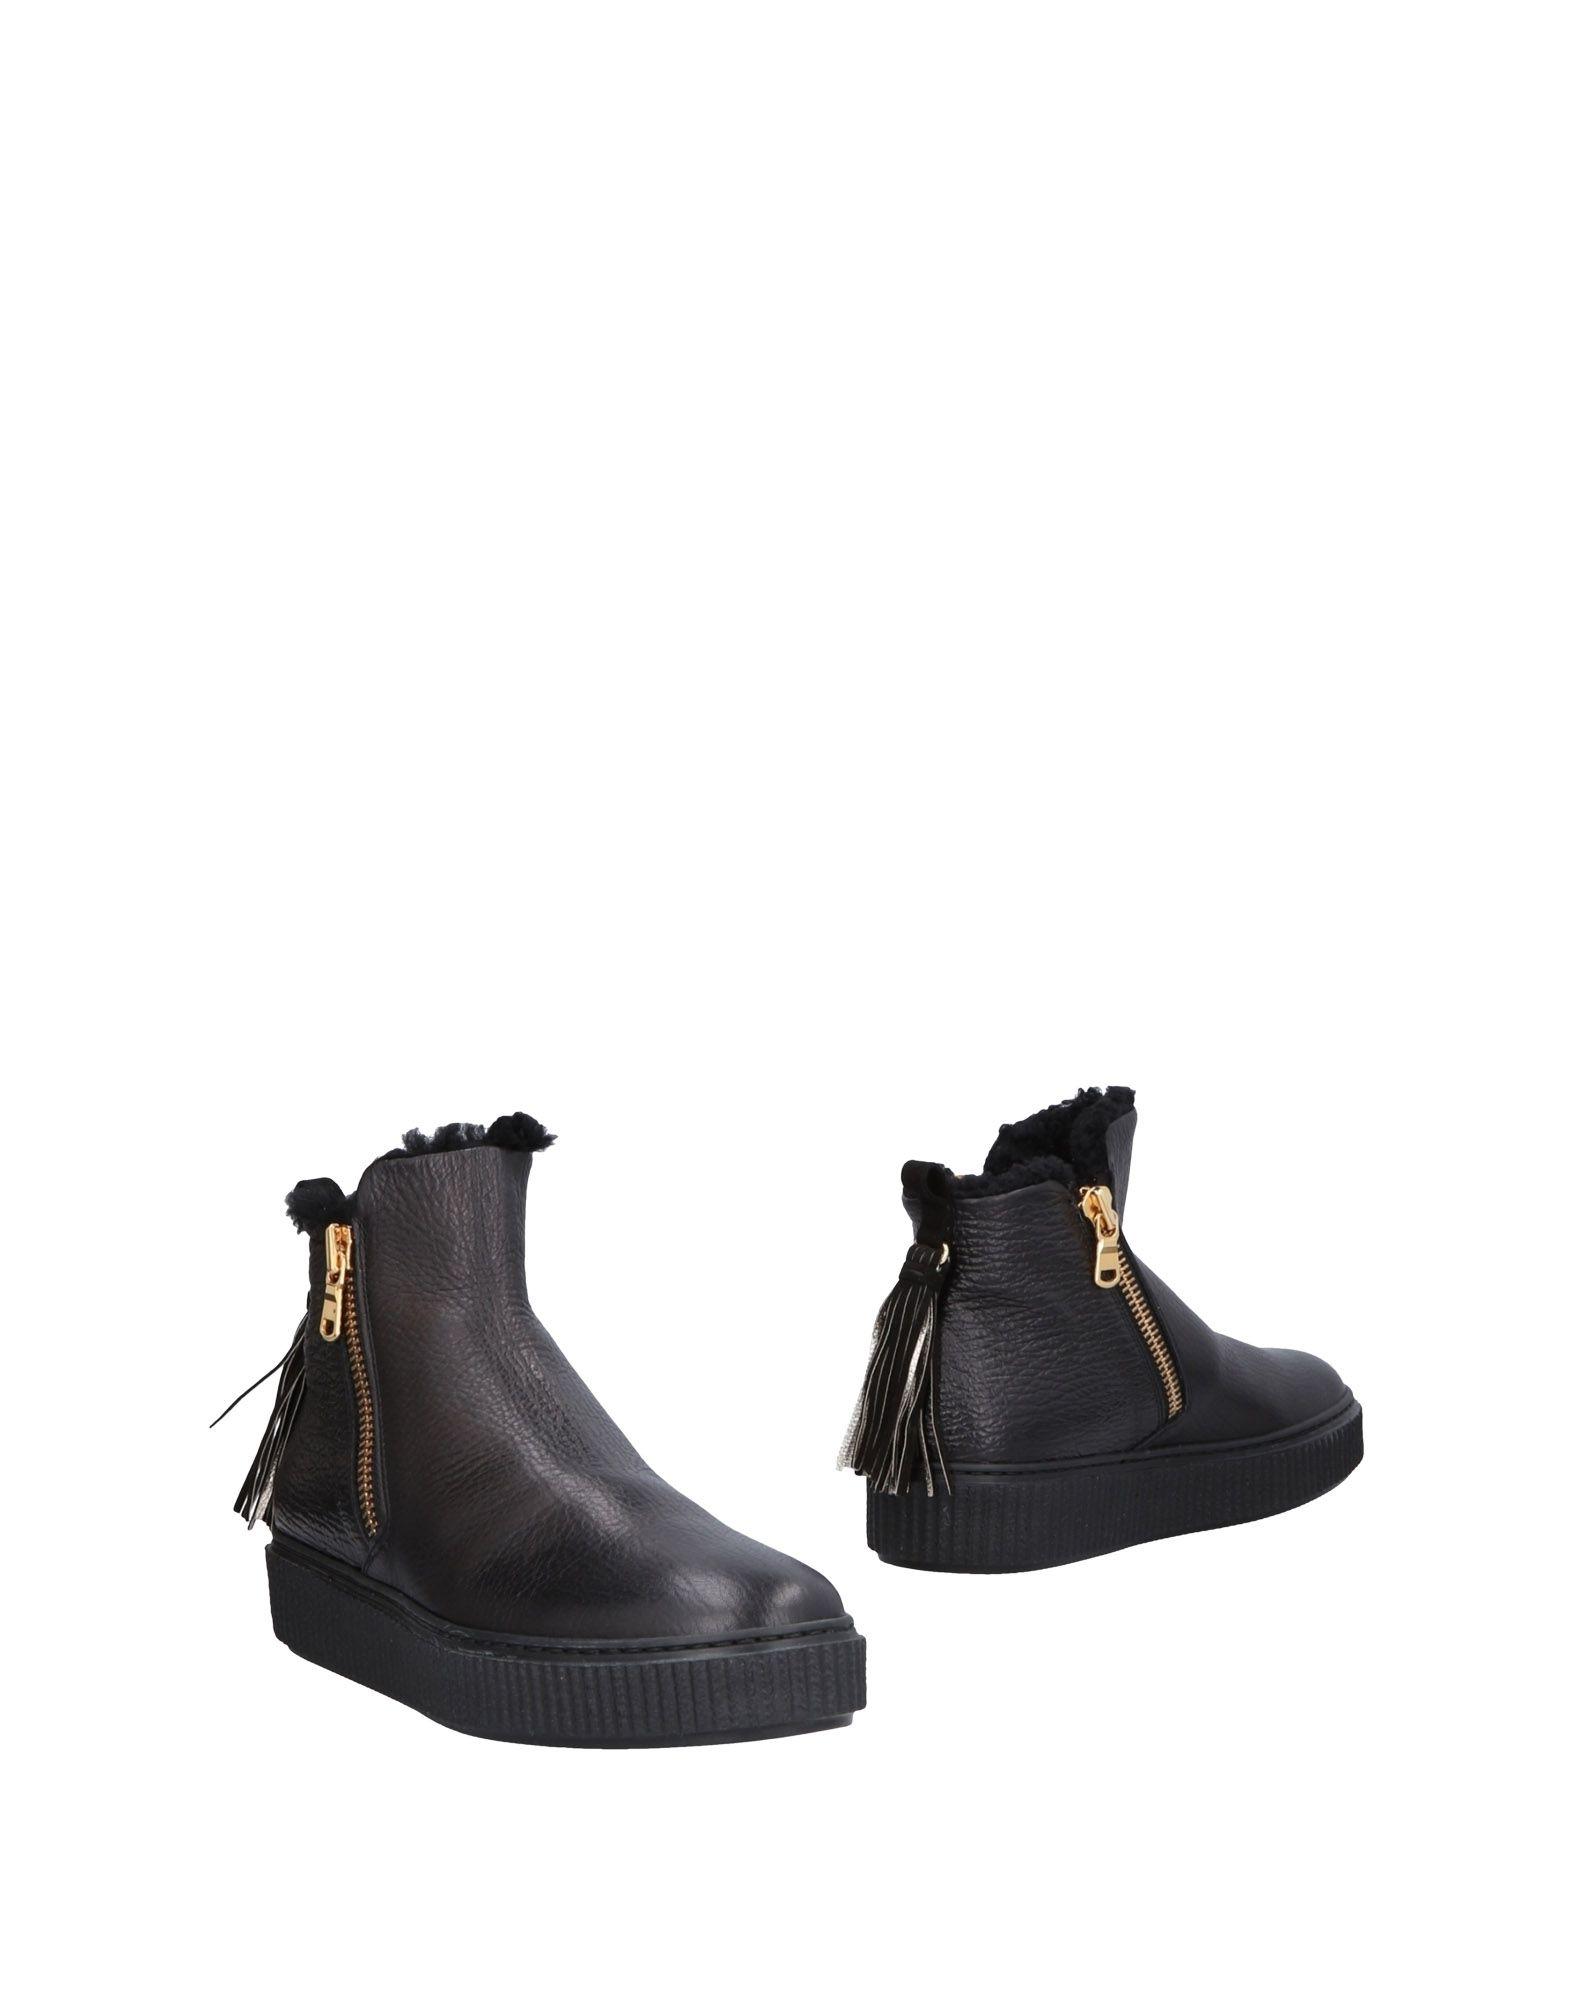 BARRACUDA Полусапоги и высокие ботинки barracuda женские ботинки от бренда barracuda